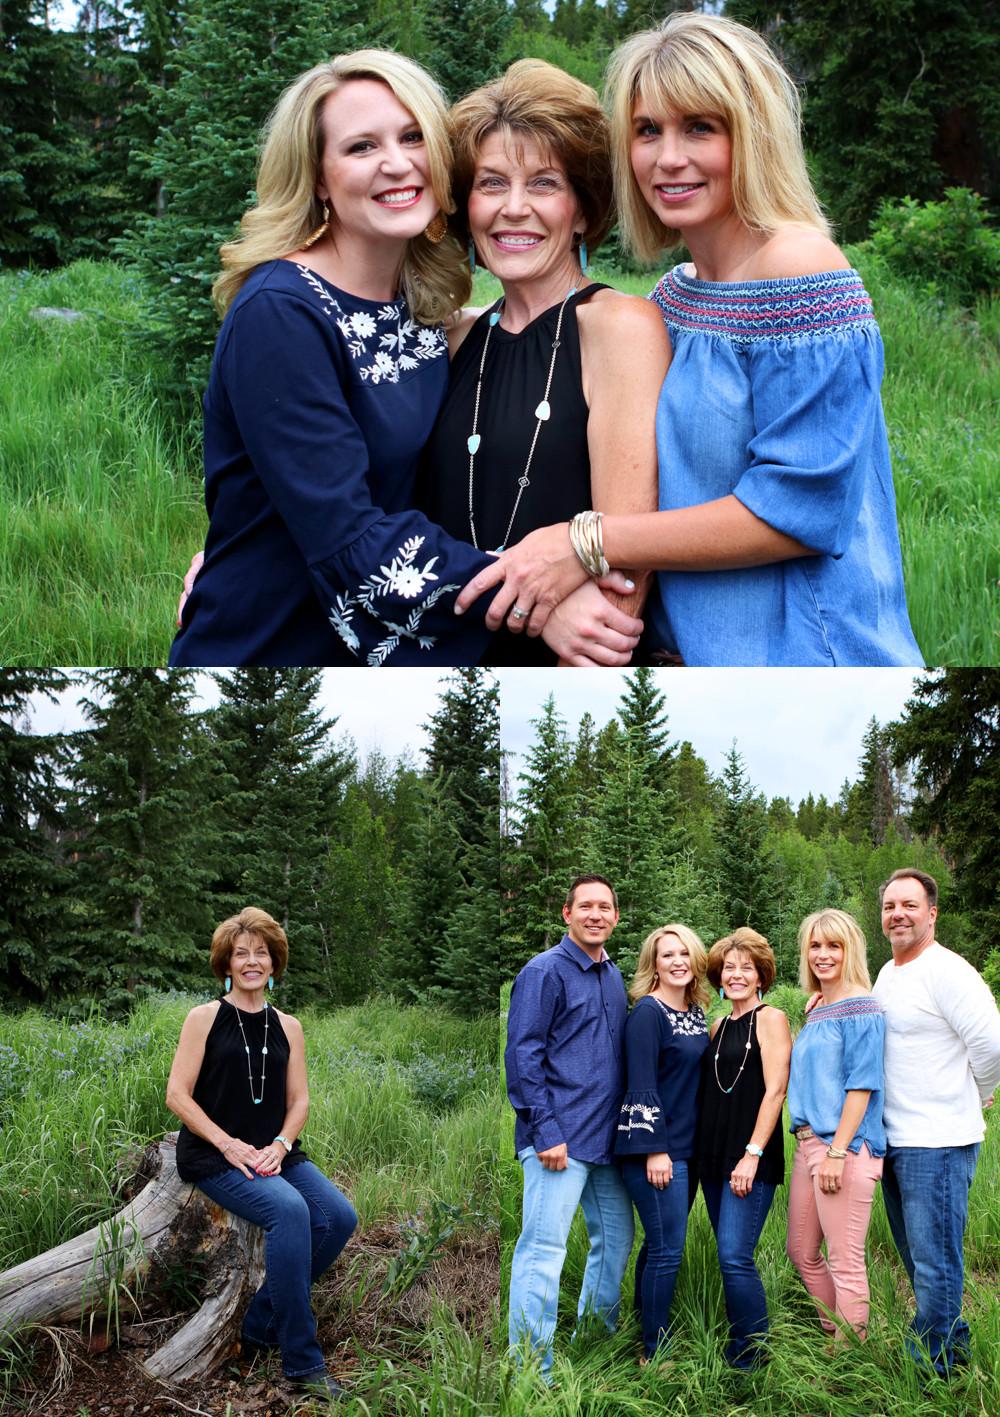 Breckenridge Colorado Family Photographer